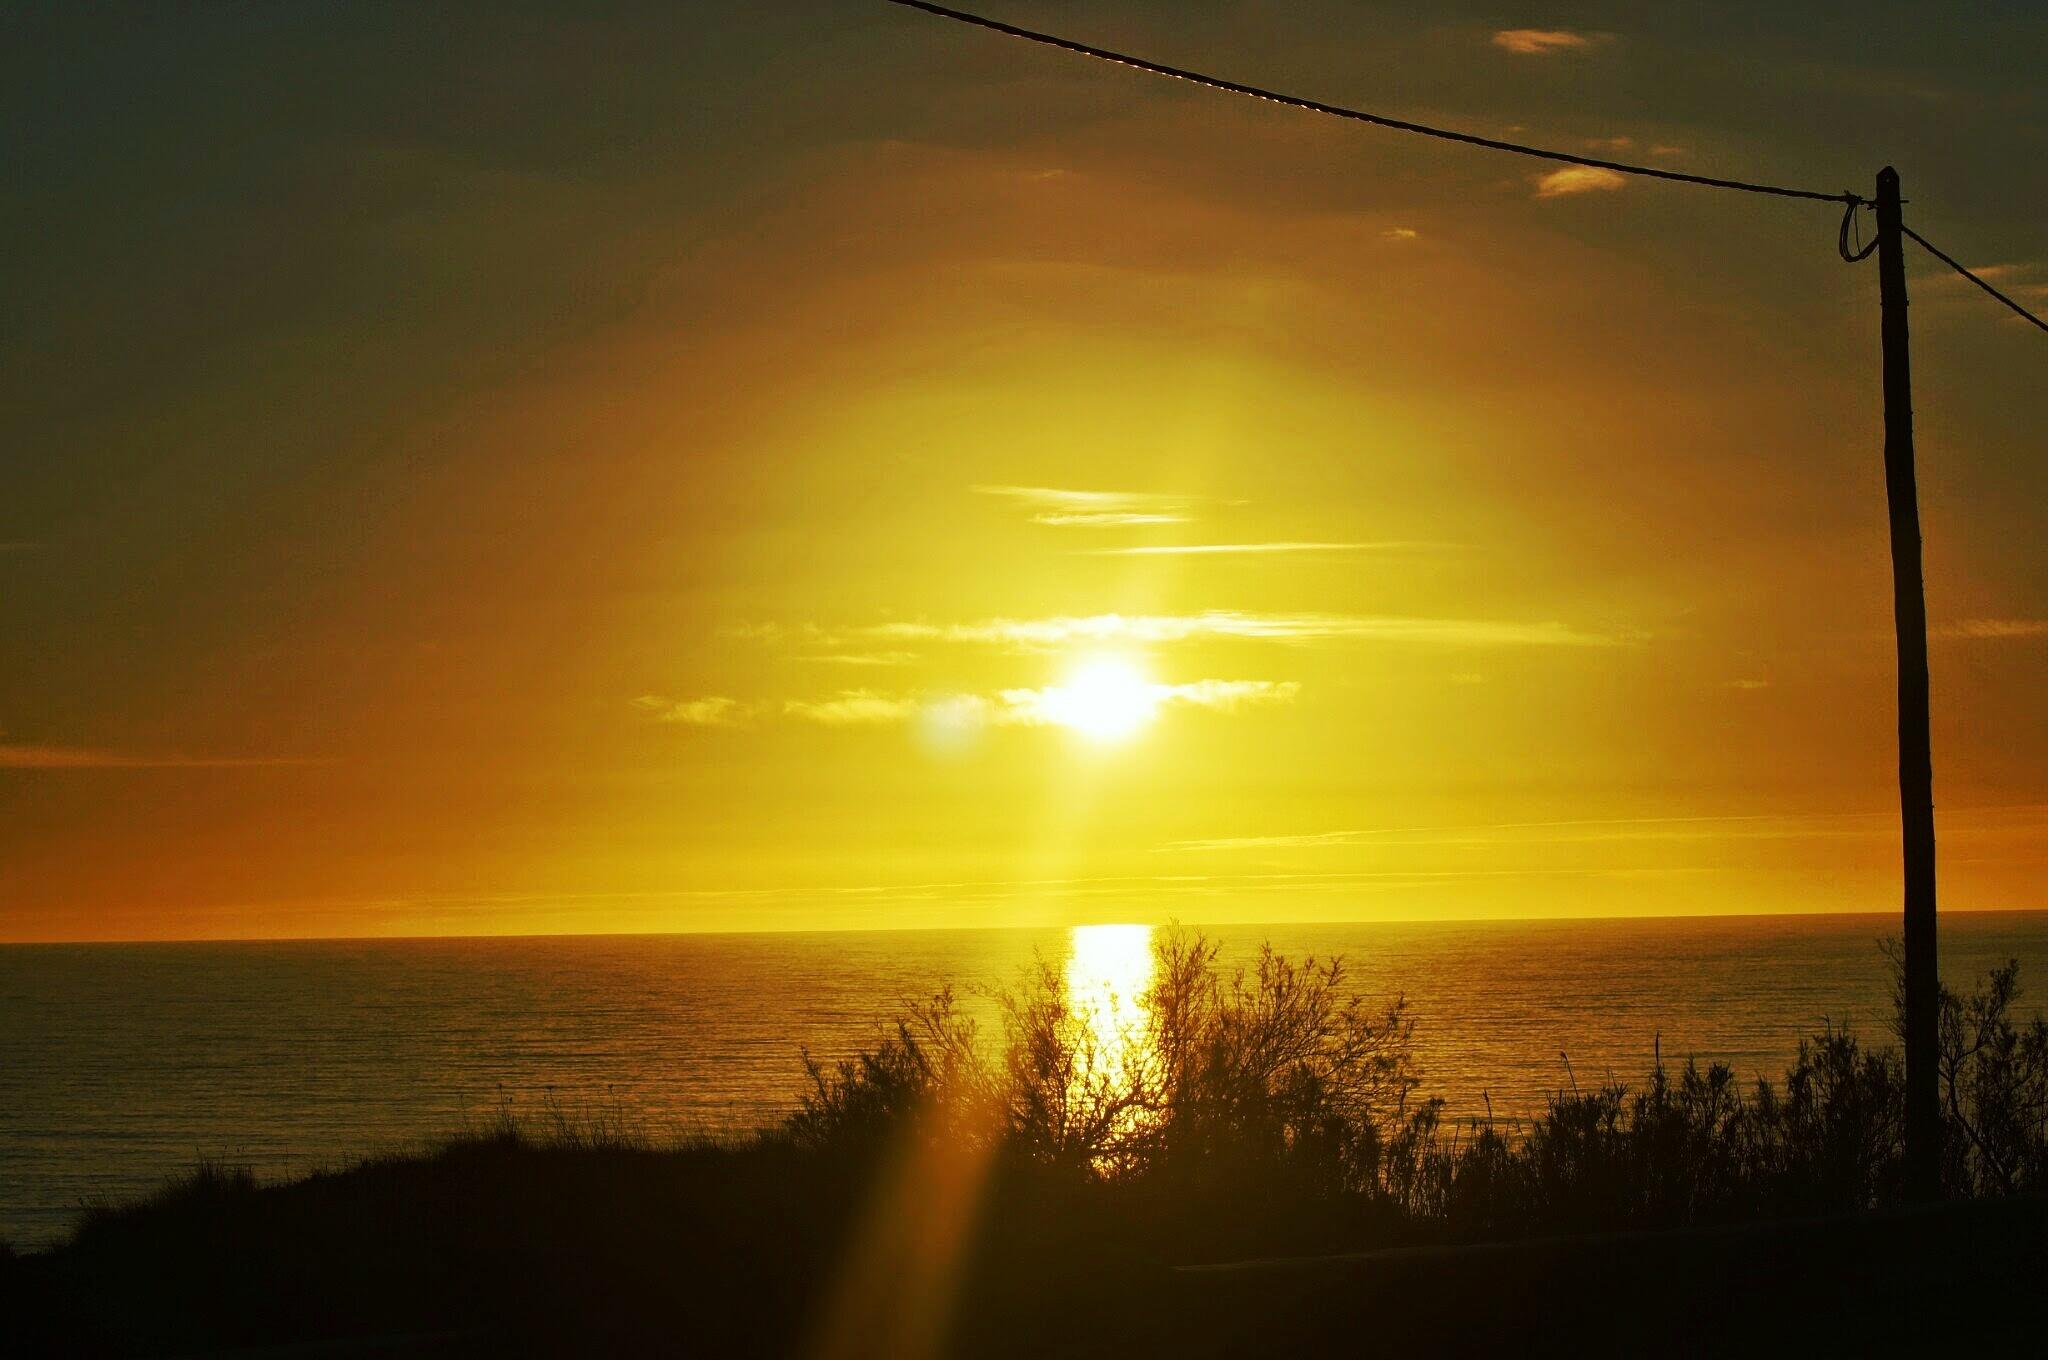 Sunset by joearldarby